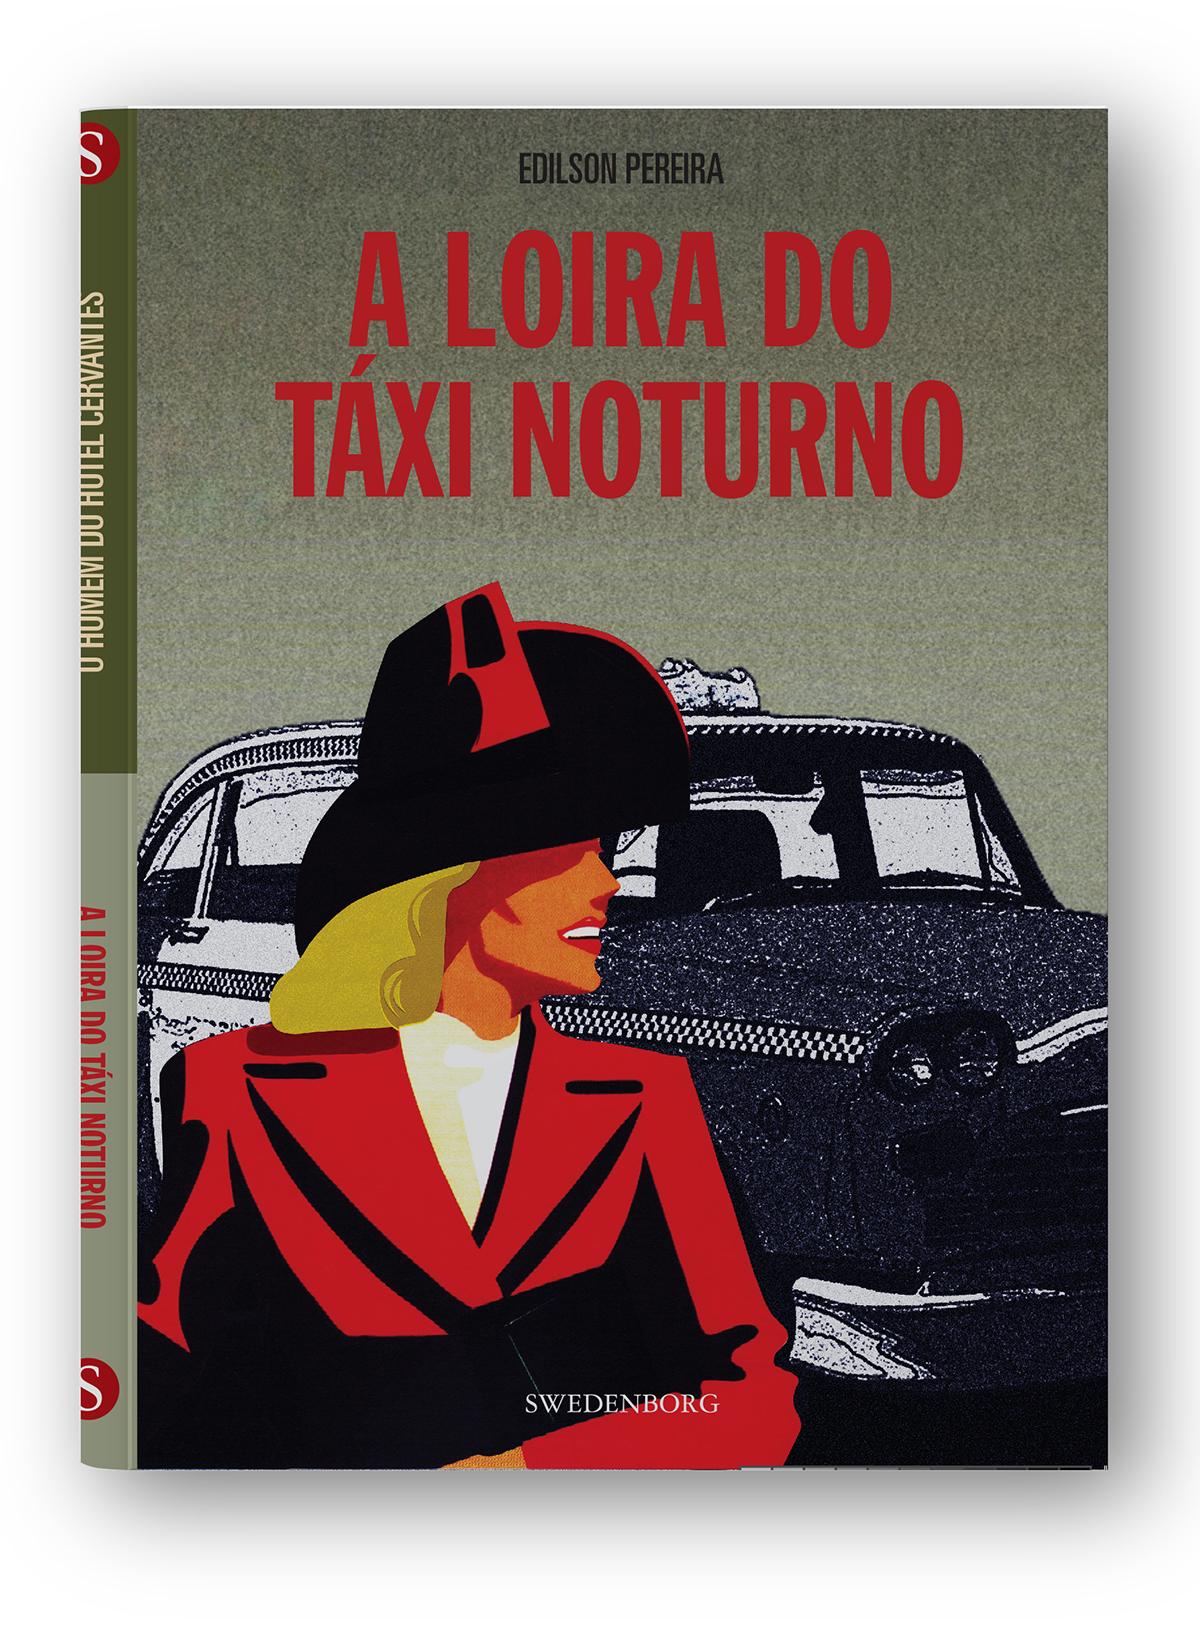 A_LOIRA_DO_TAXI_NOTURNO